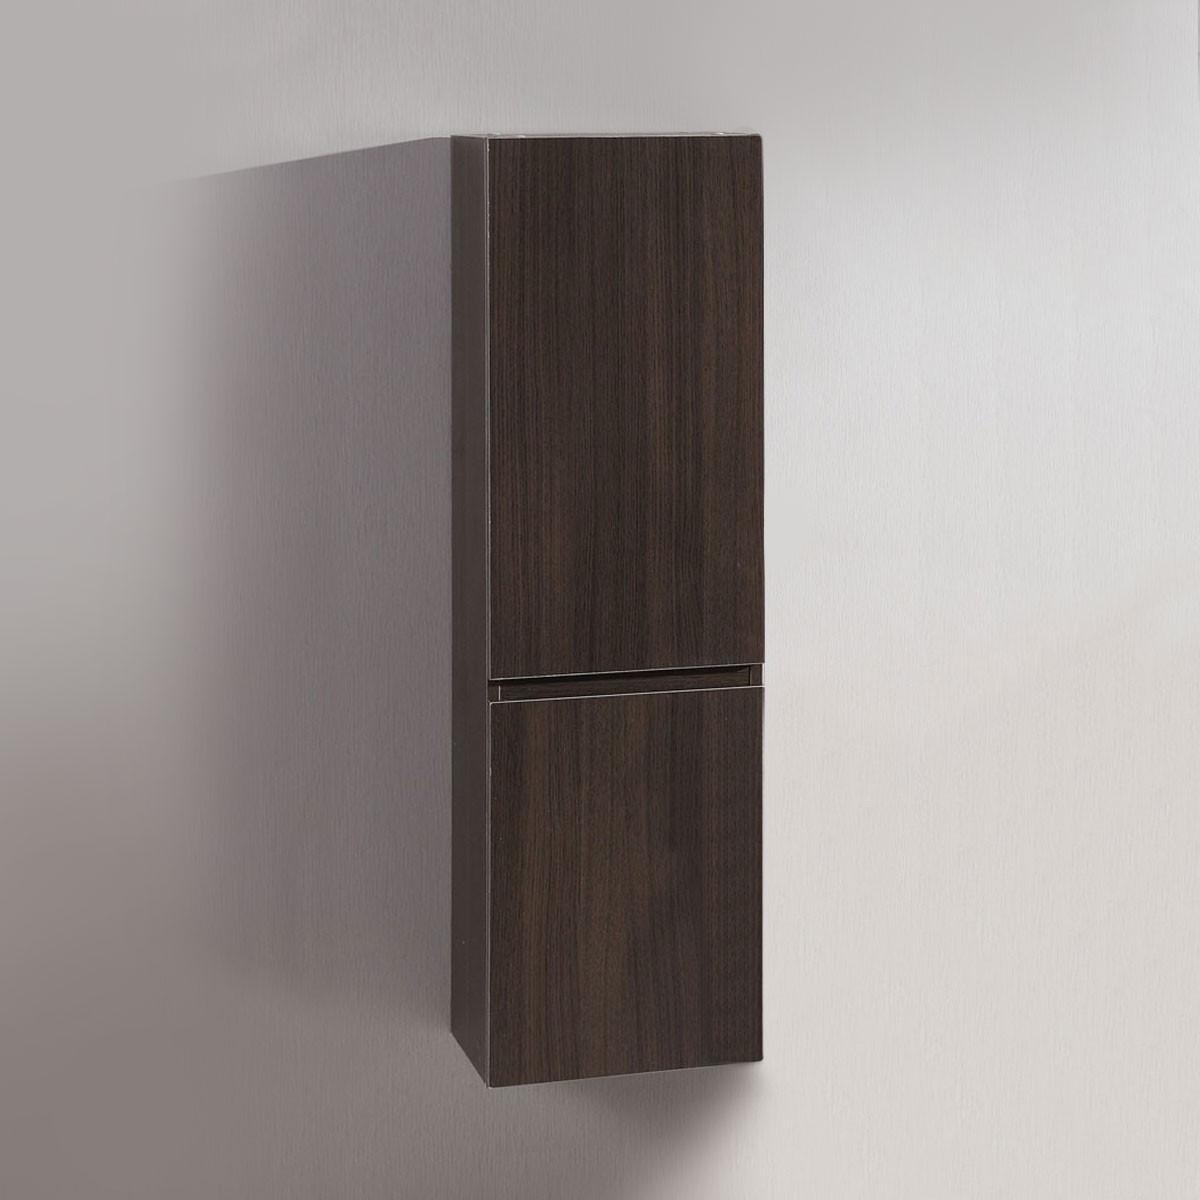 14 x 47 In. Wall Mount Bathroom Linen Cabinet (DK-T5165B-S)